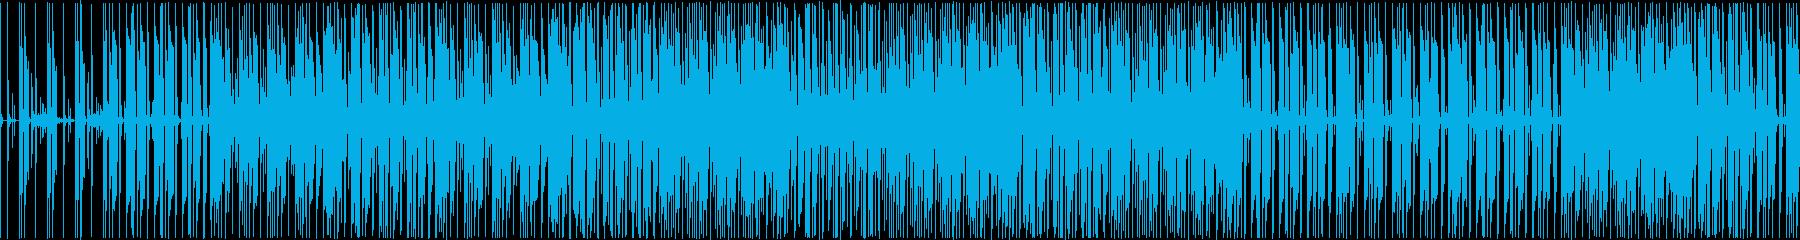 誰かを待ち伏せしている様な怪しいビートの再生済みの波形